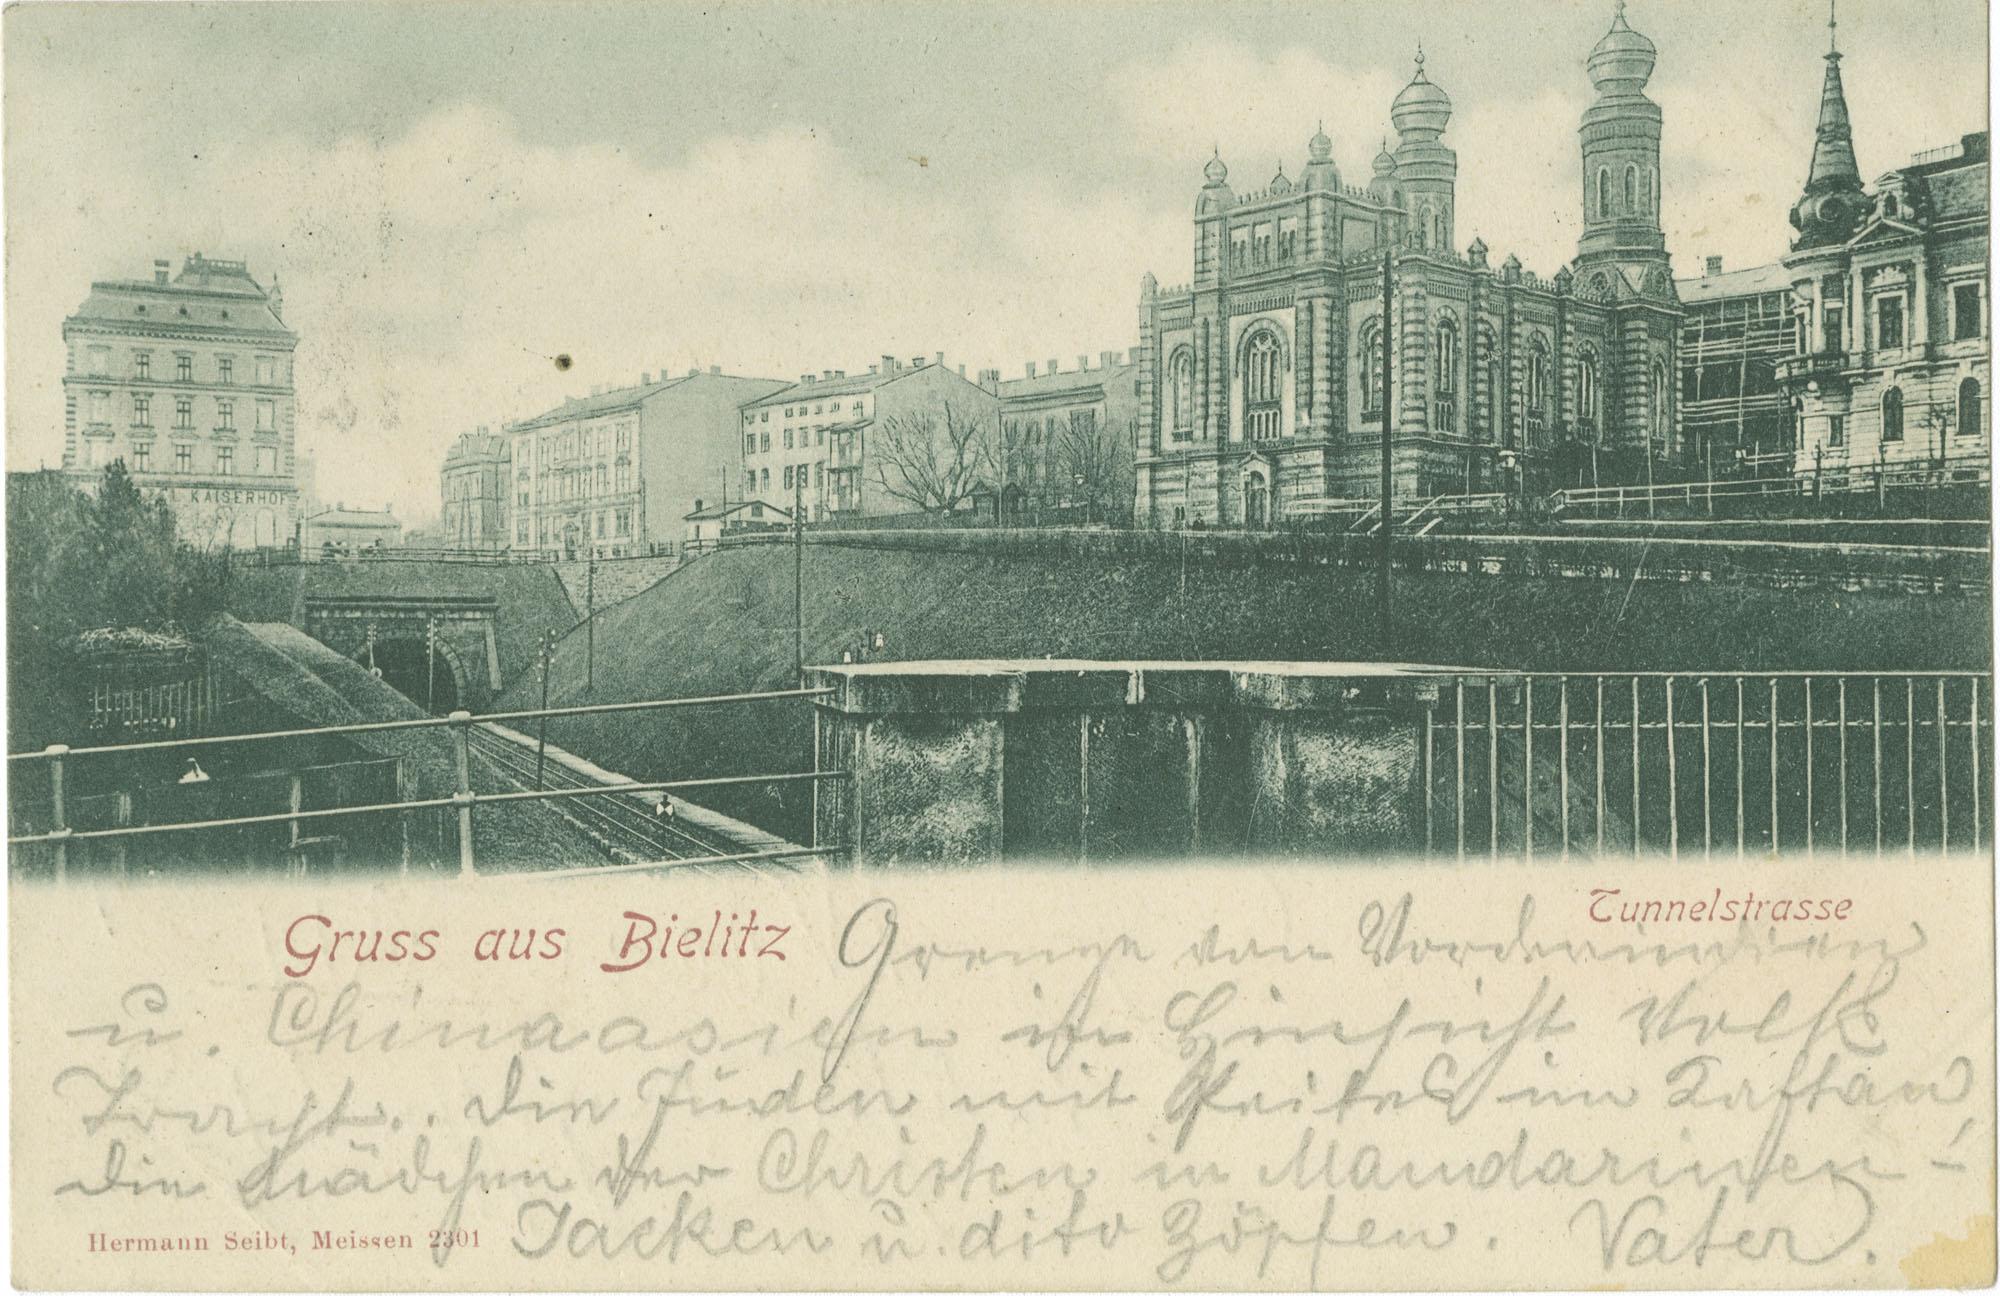 Gruss aus Bielitz. Tunnelstrasse.